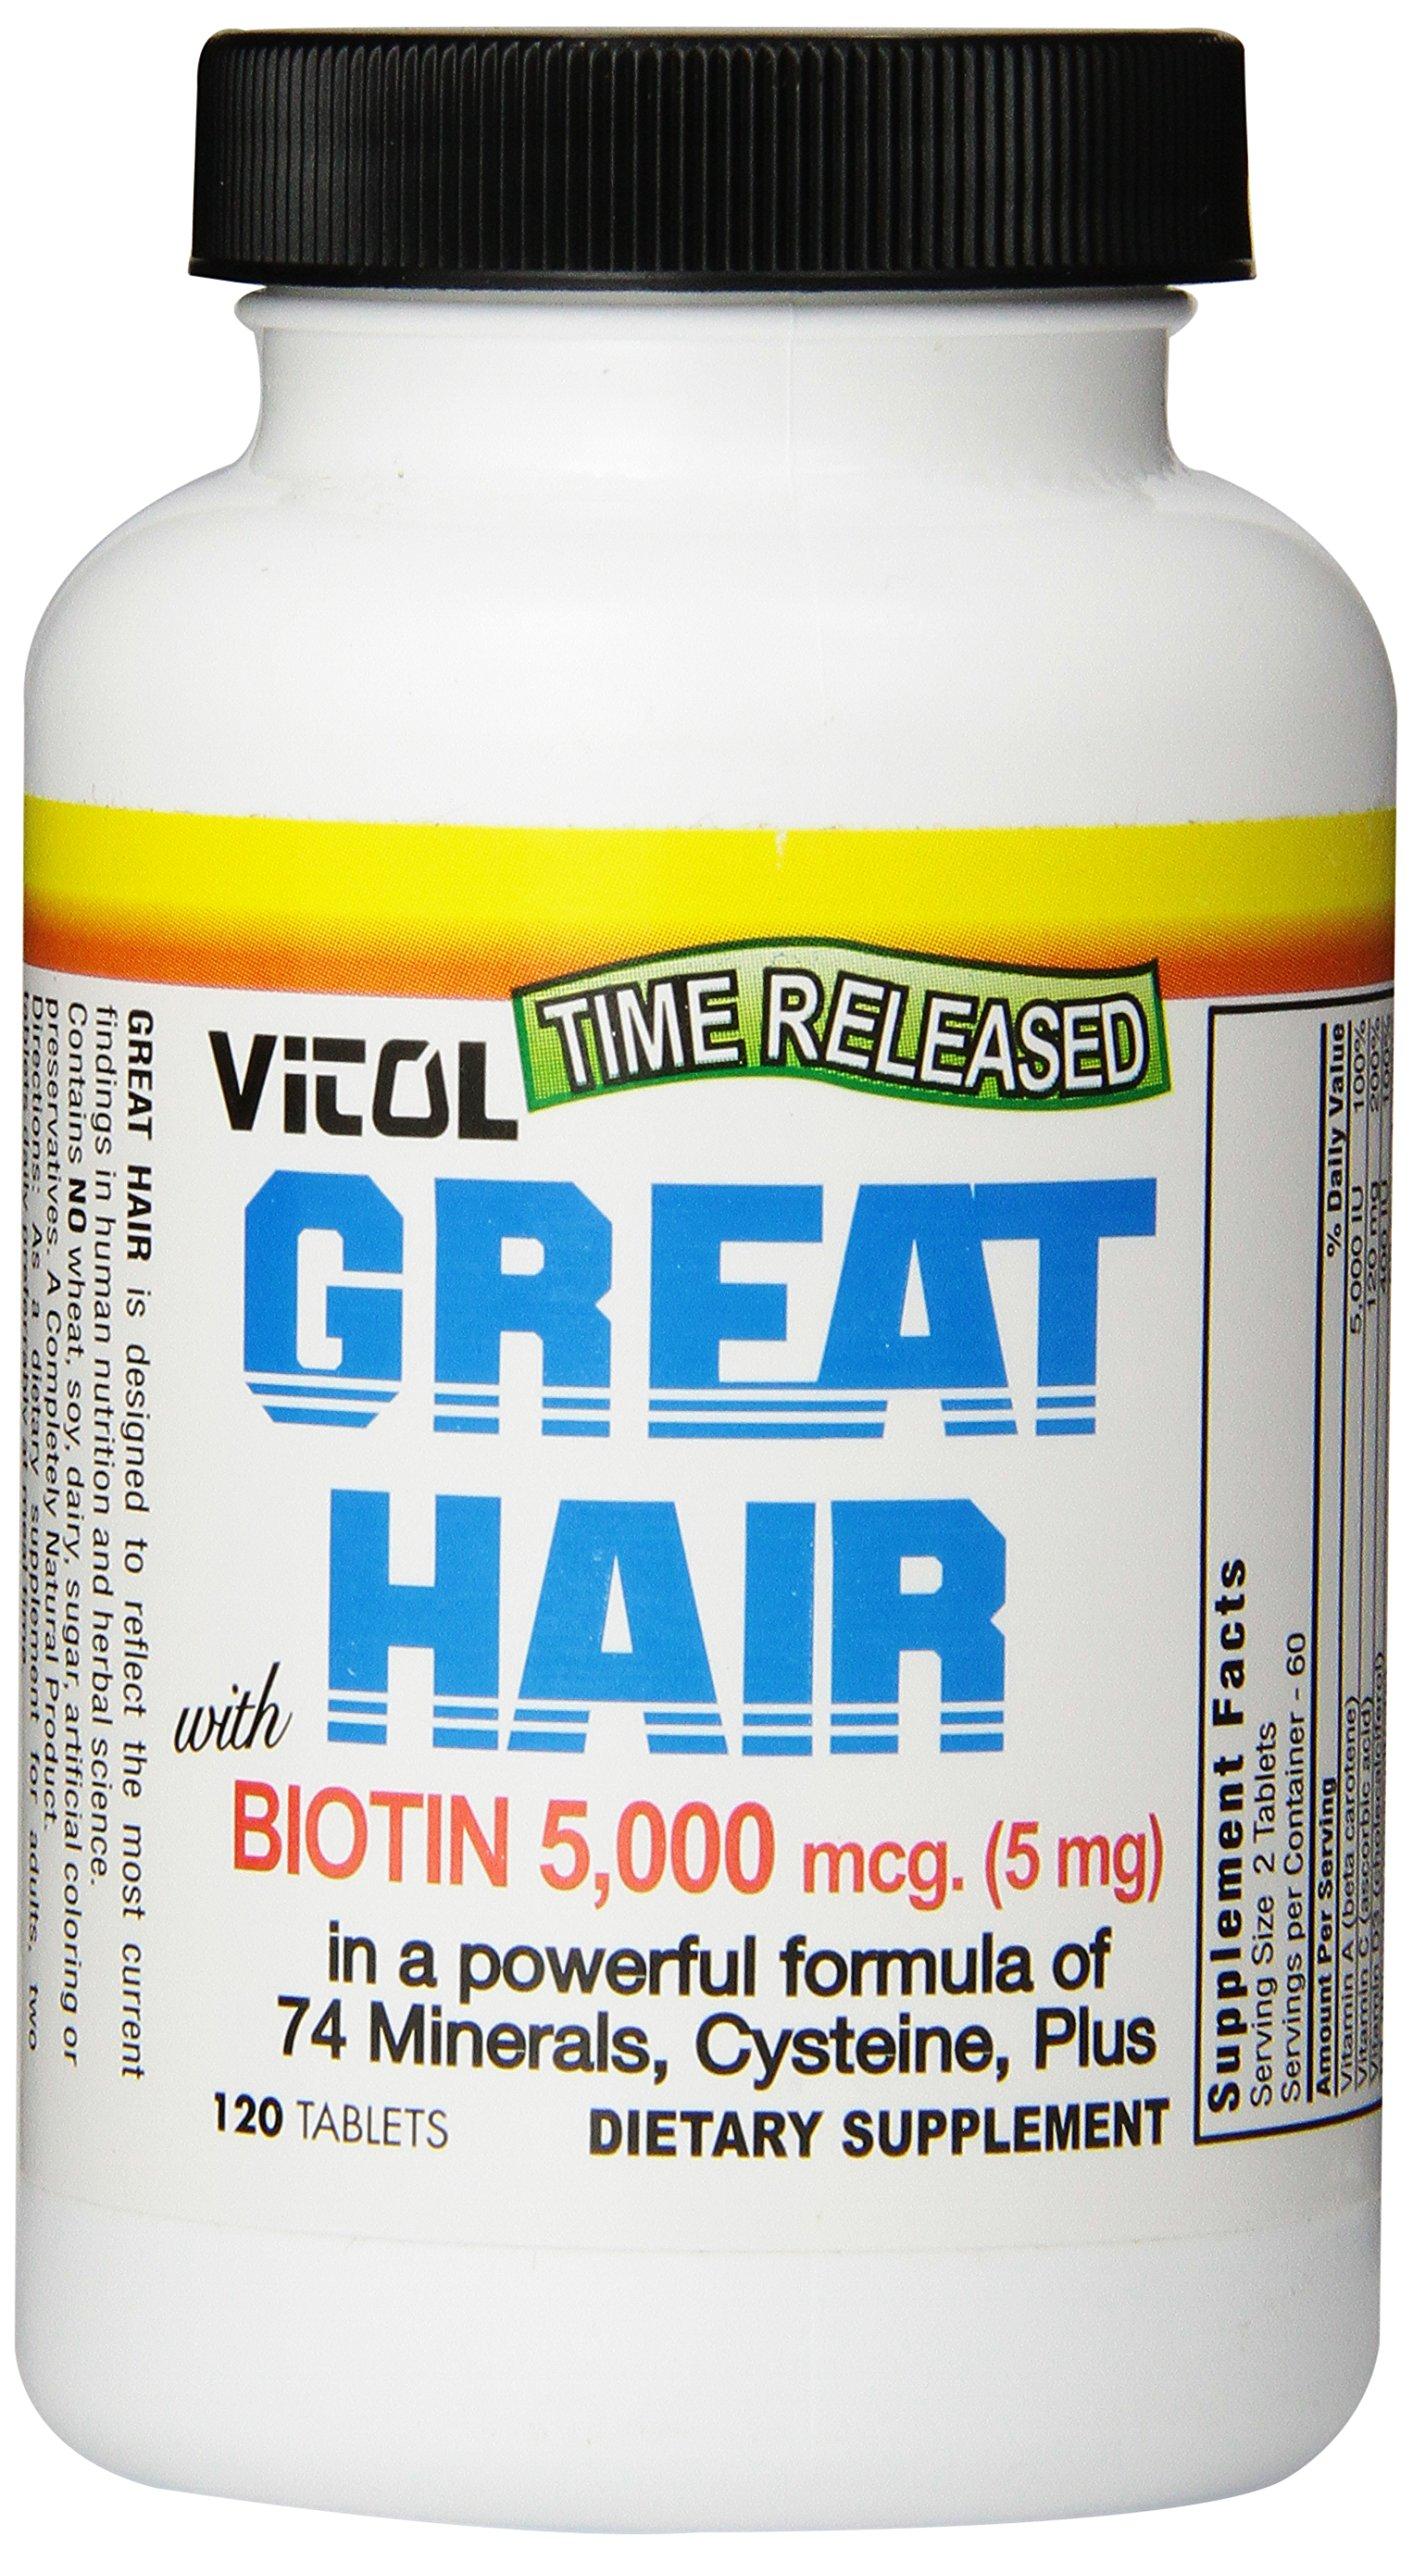 Vitol Great Hair, 120 Tabs (5mg)